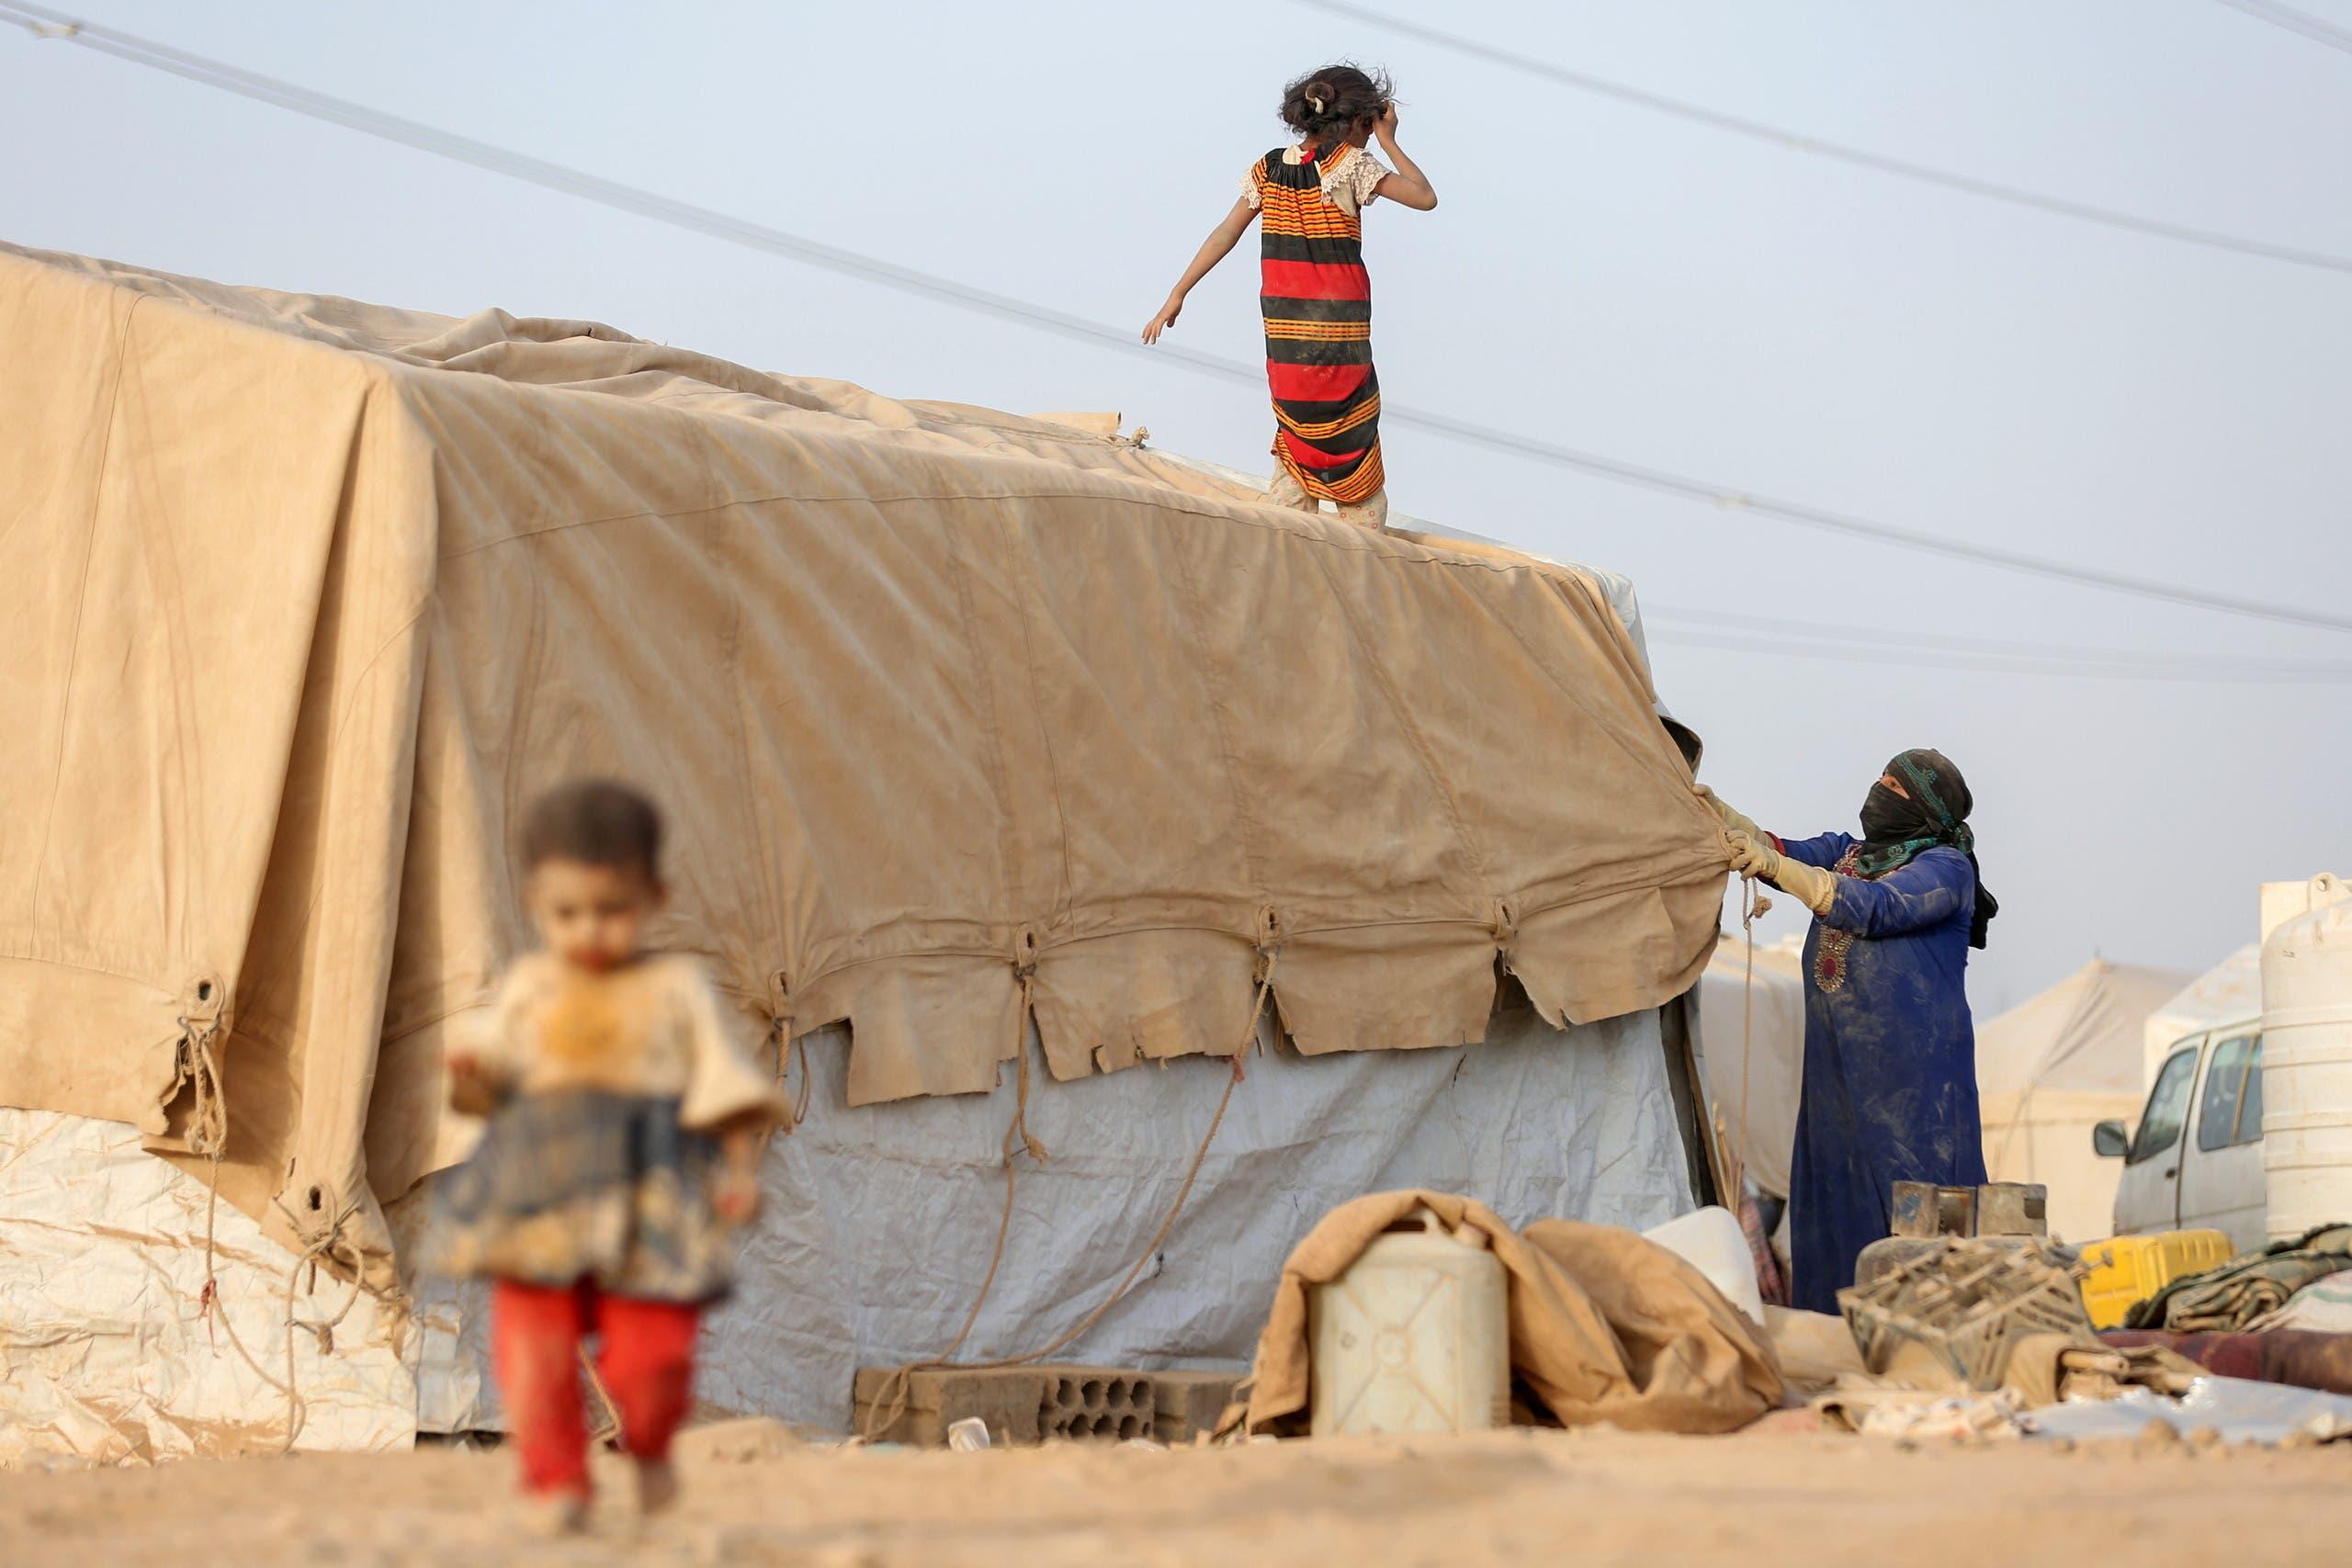 مخيم للنازحين في مأرب (رويترز)